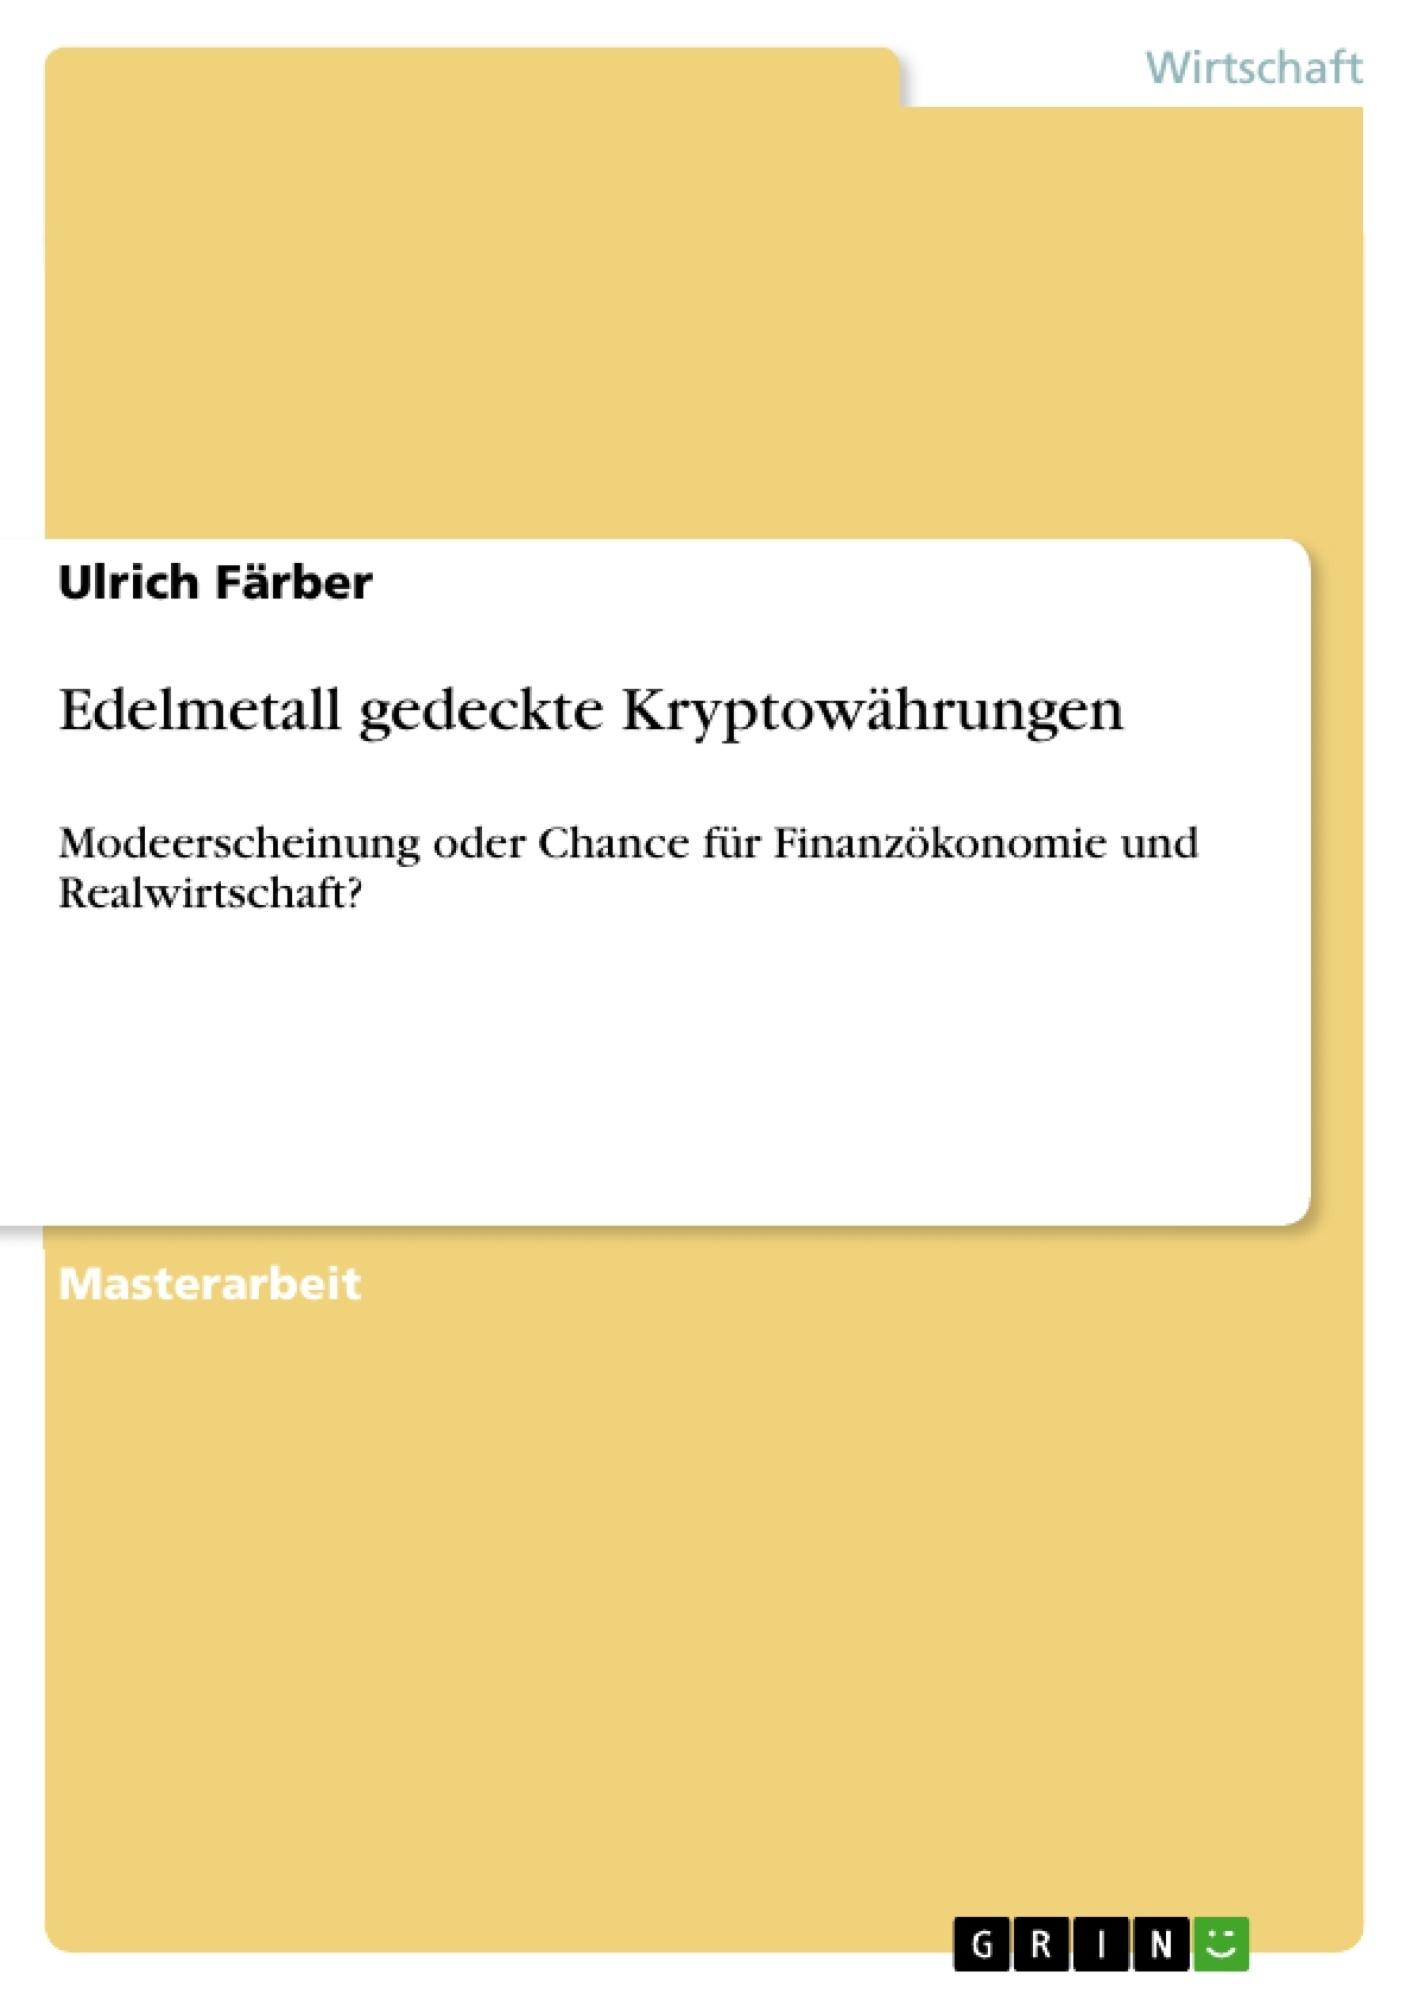 Titel: Edelmetall gedeckte Kryptowährungen